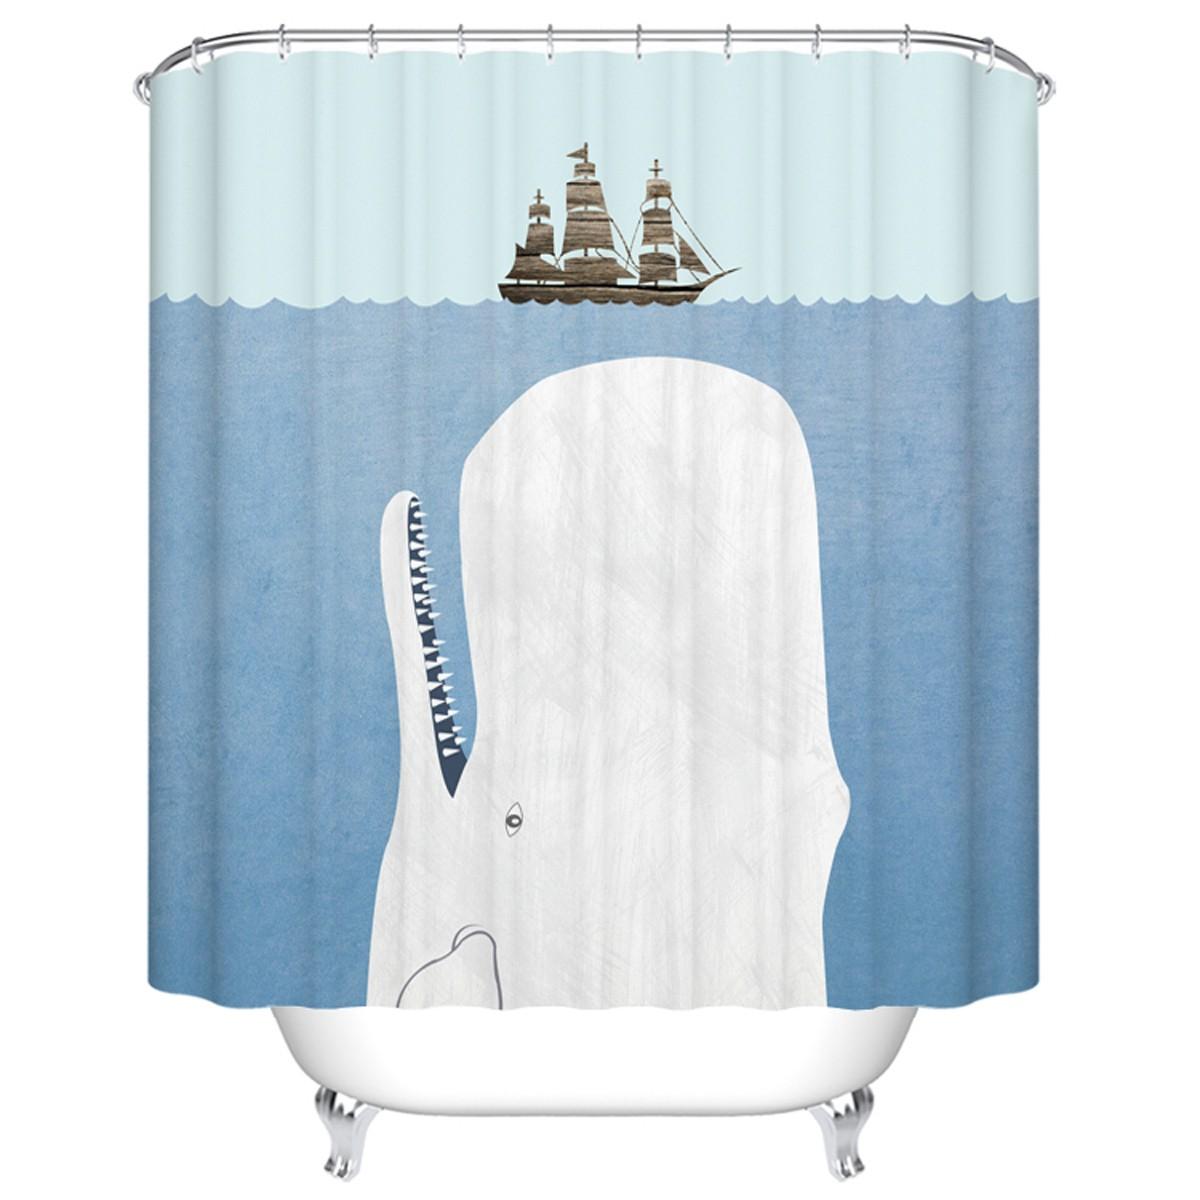 Fashionable Bathroom Waterproof Shower Curtain 70 W X 72 H Dk Yt001 Decoraport Canada